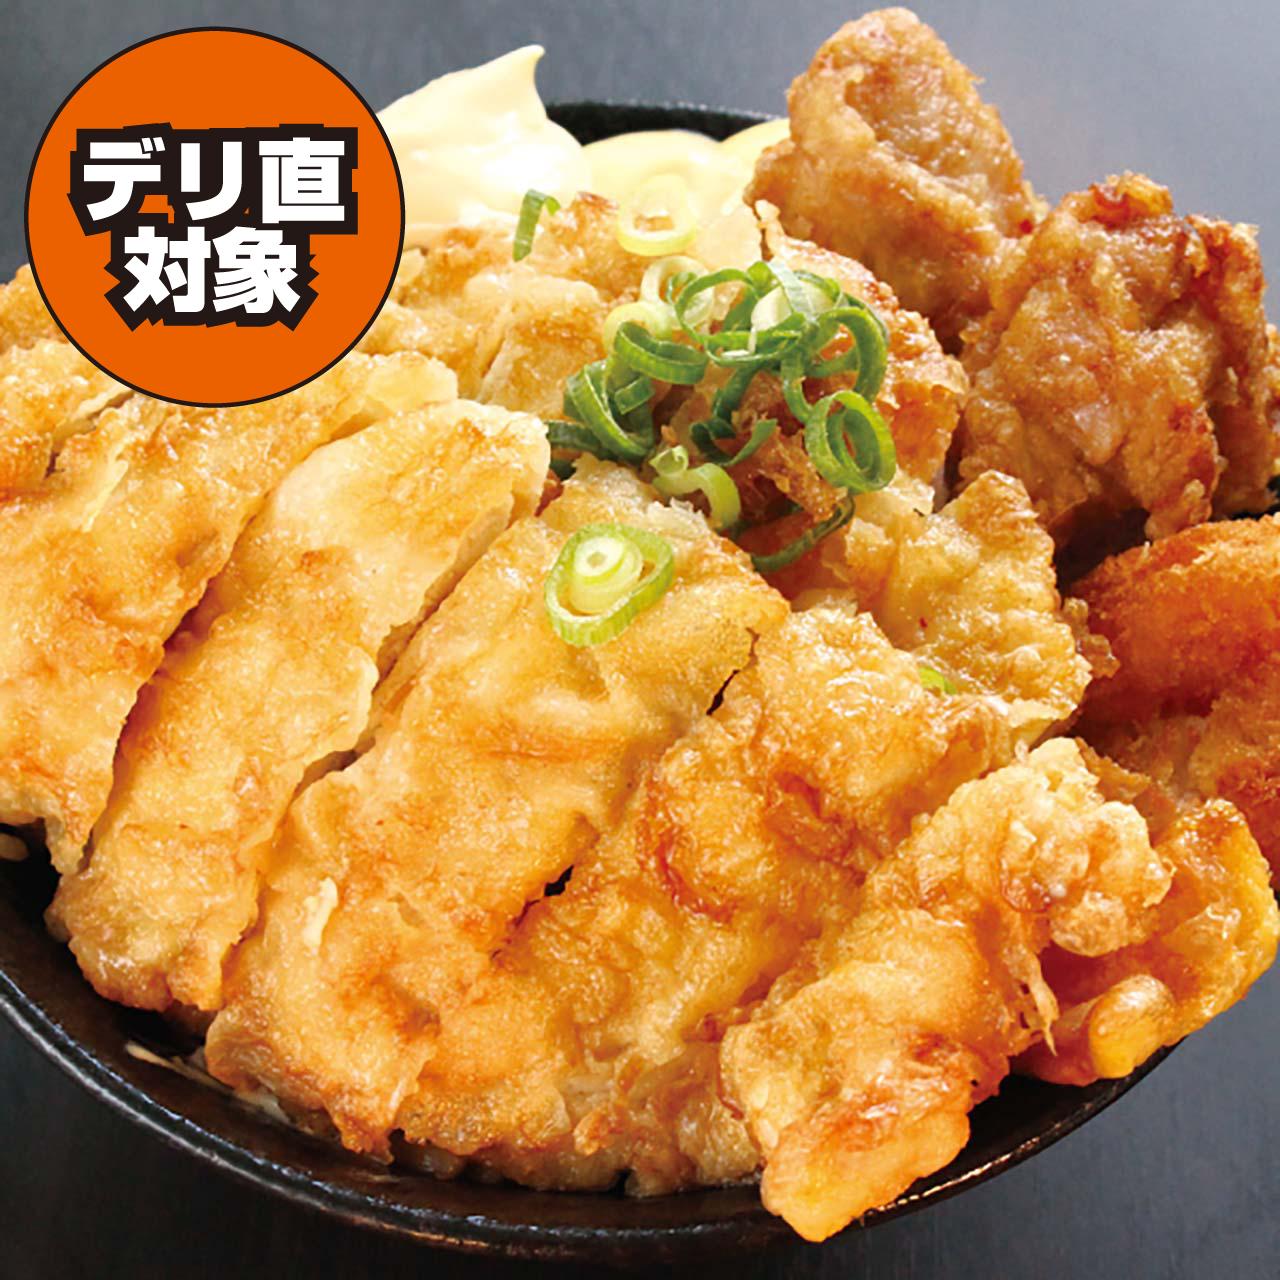 チキン南蛮丼ダブル(400)(唐揚2+コロッケ1)